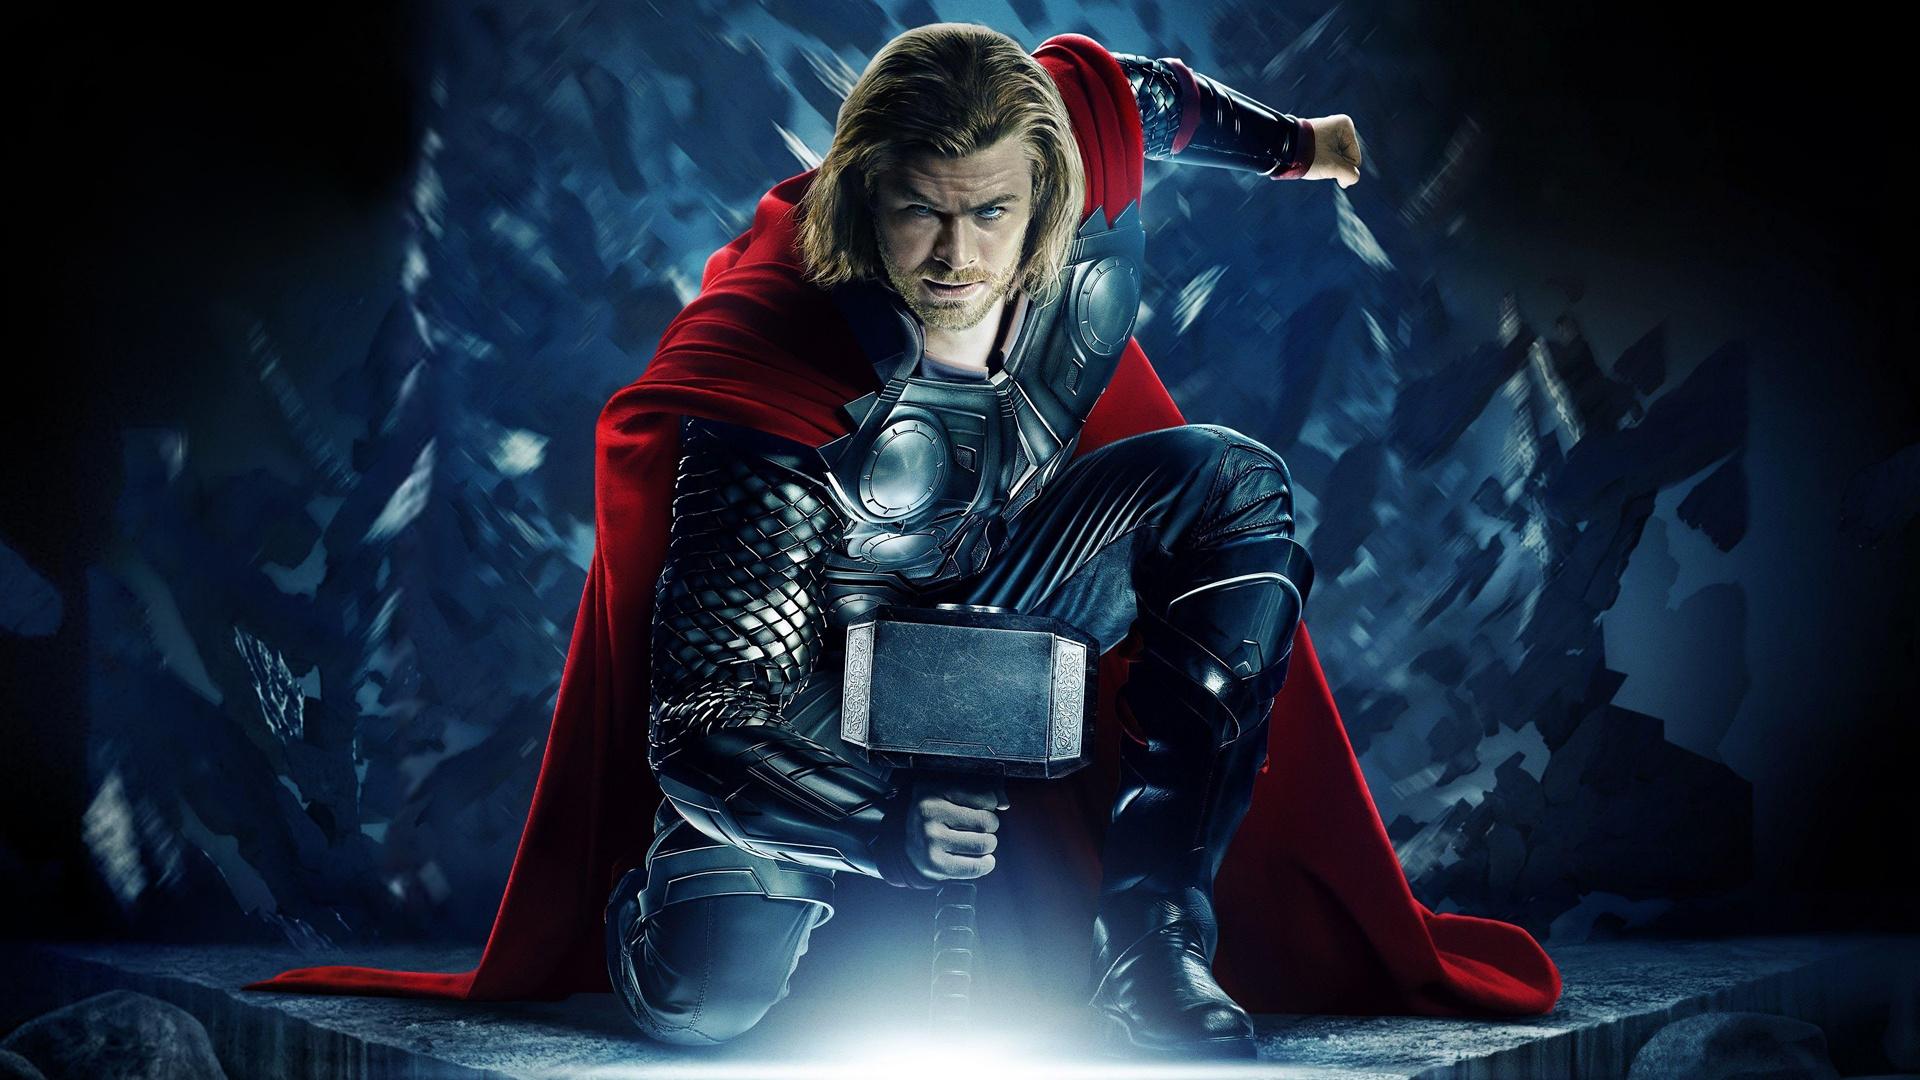 Lego Thor Wallpaper Avengers Marvel Superhero